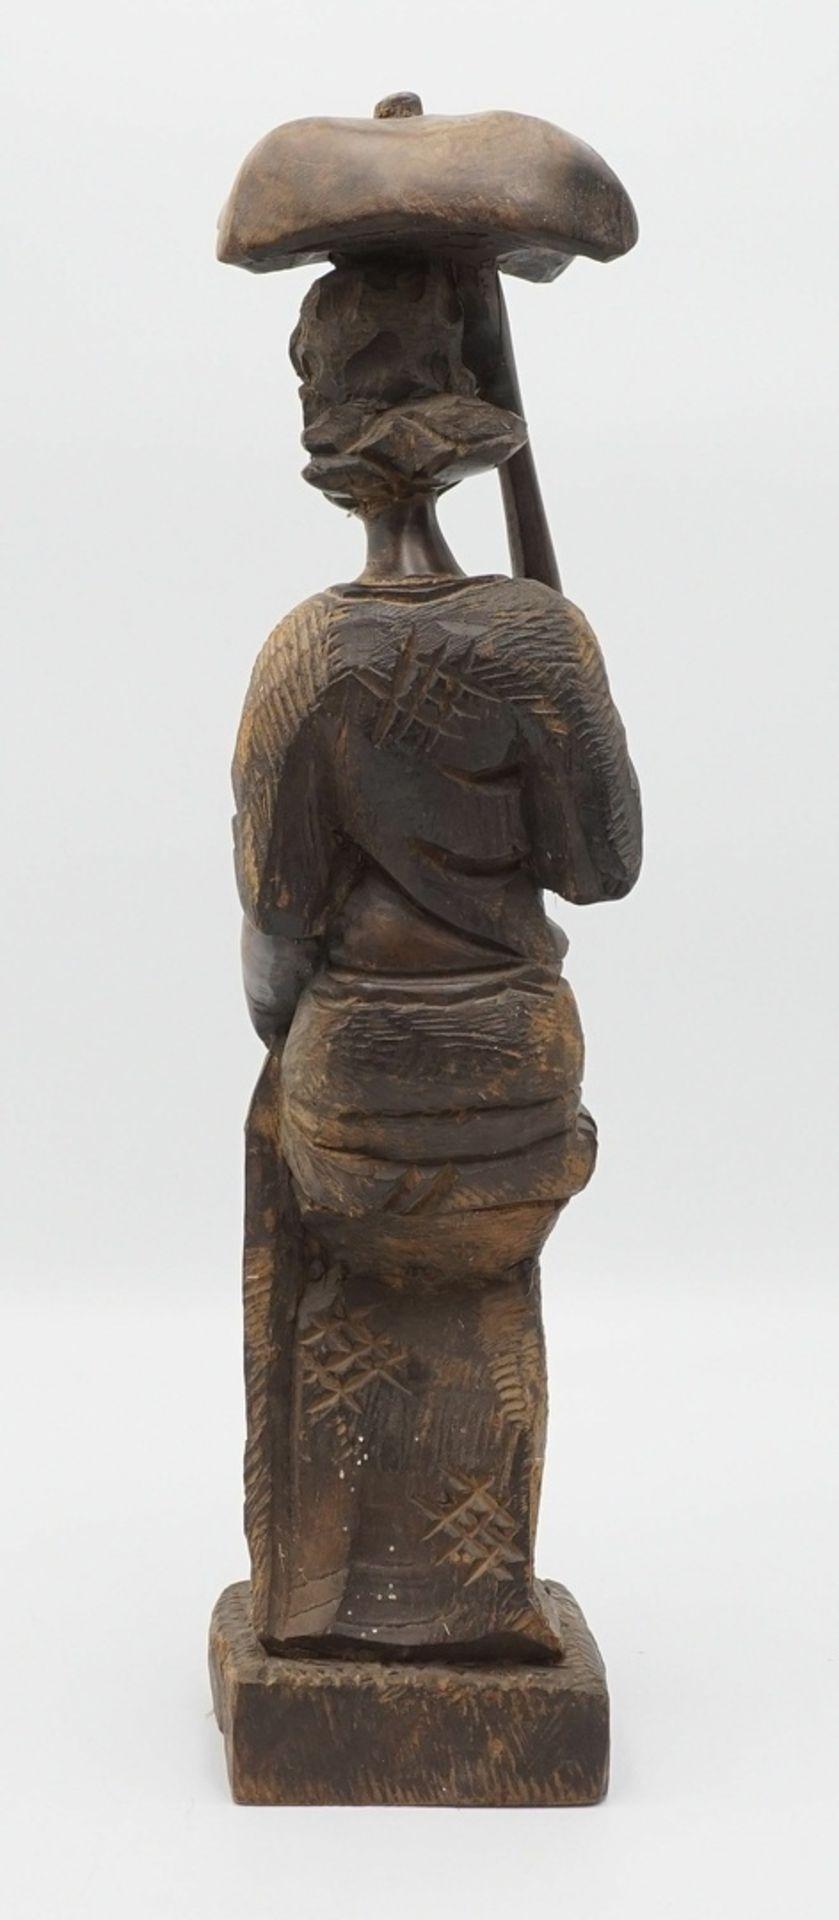 Mutter mit Kind, Afrika, 2. Hälfte 20. Jh. - Bild 3 aus 3